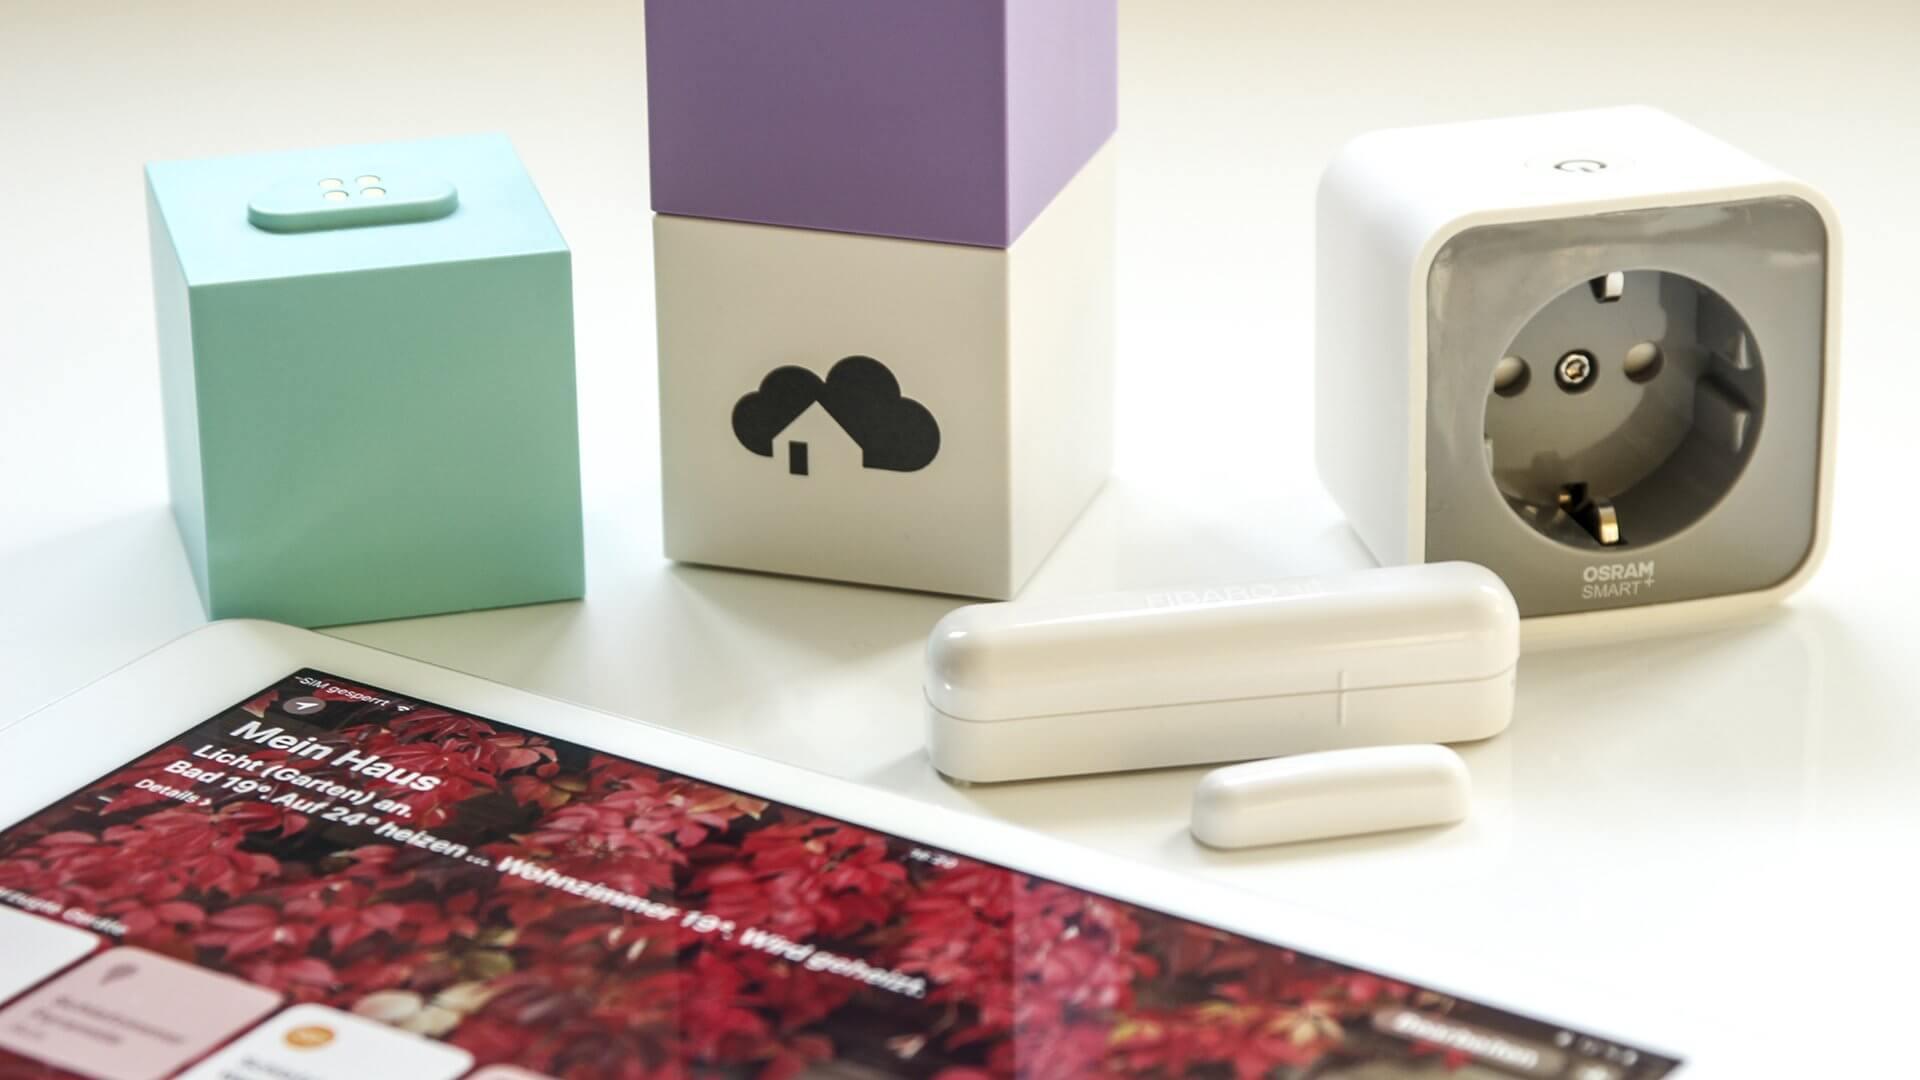 Ikea Tradfri Jalousien bieten Apple HomeKit-Unterstützung